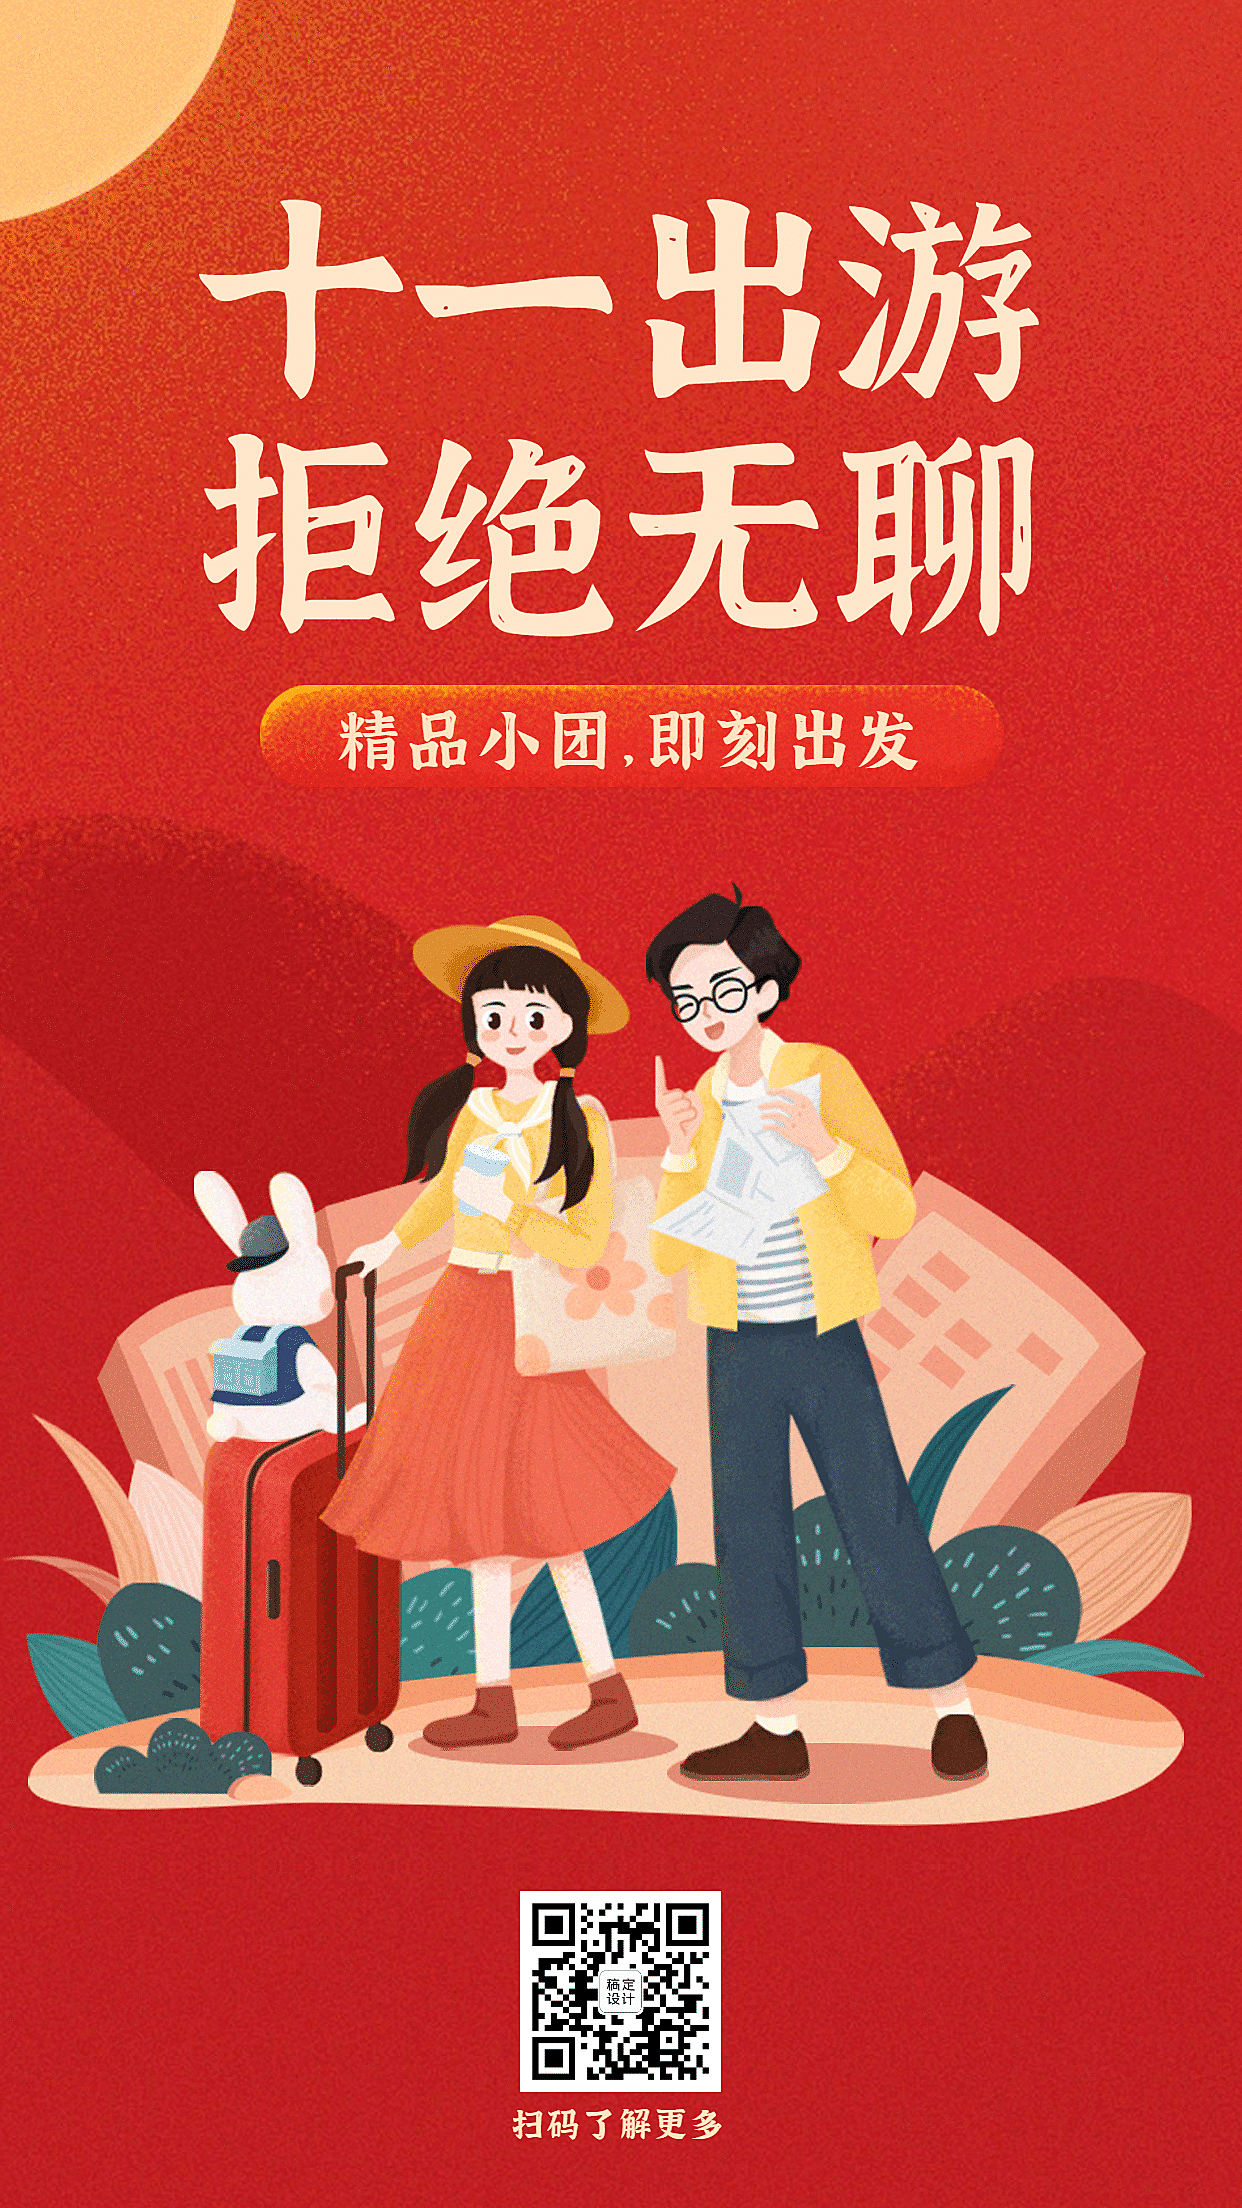 旅游国庆十一黄金周插画手机海报